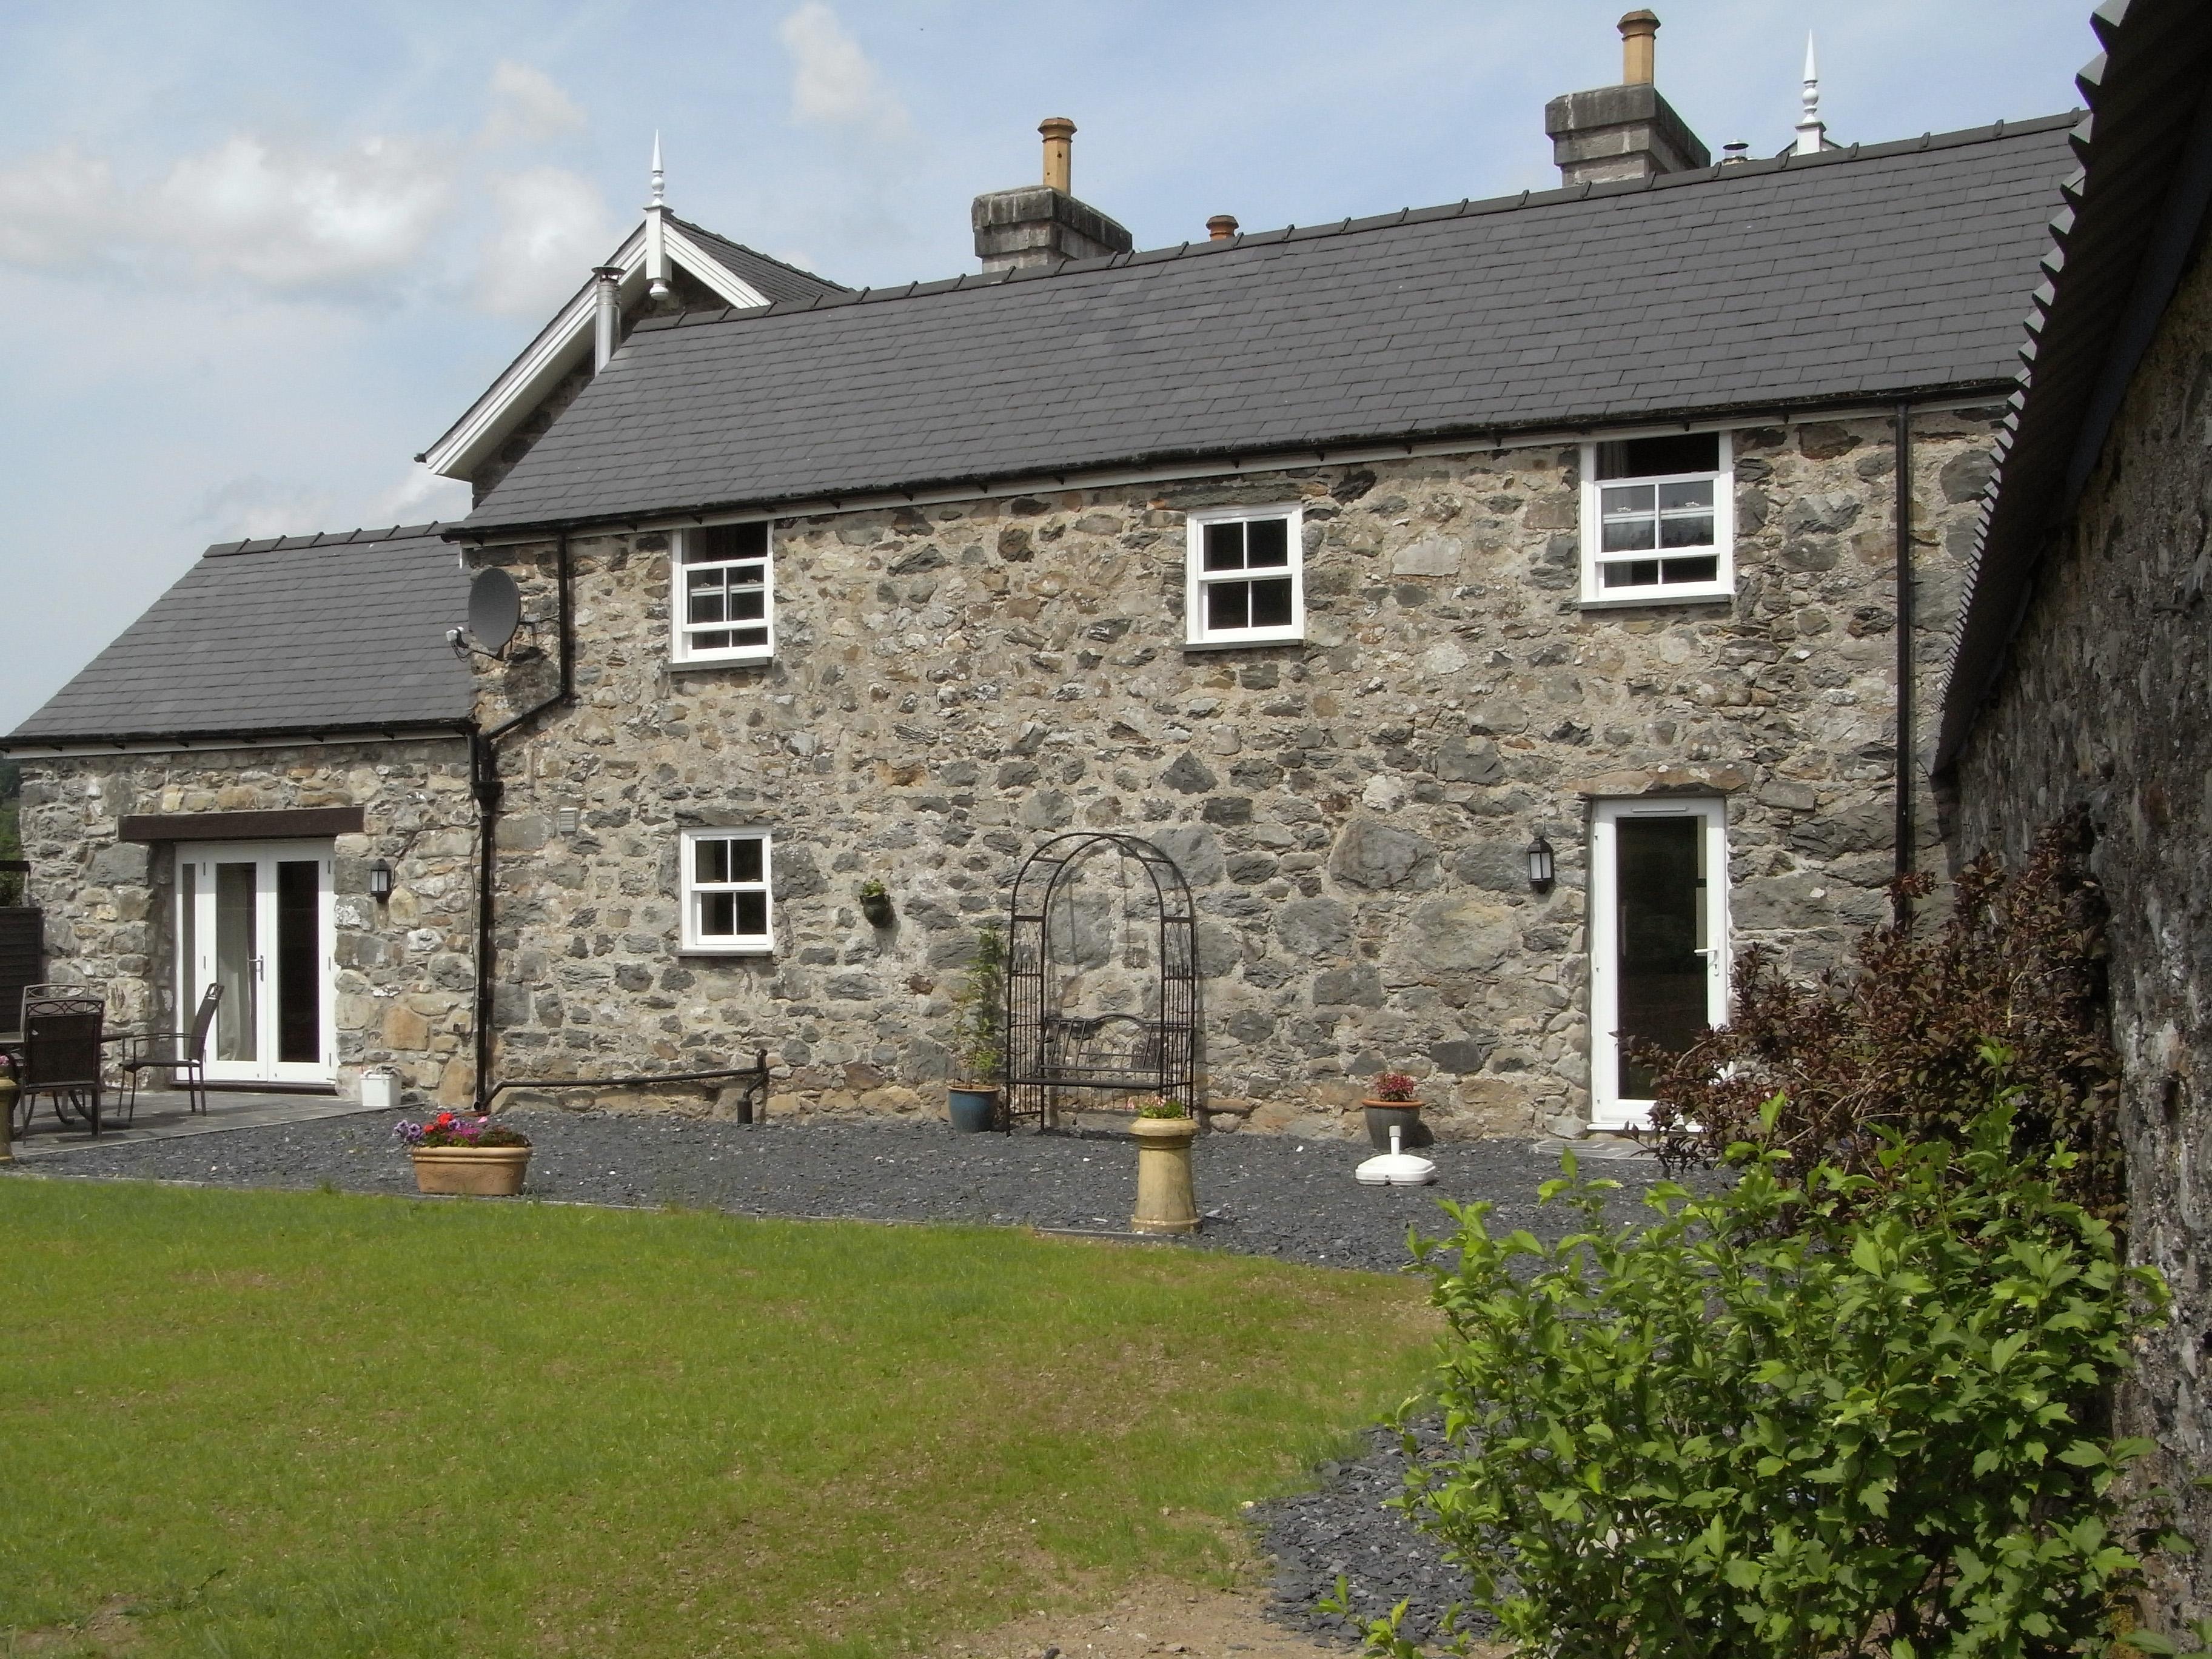 Y Bwythyn at Henfaes, Wales